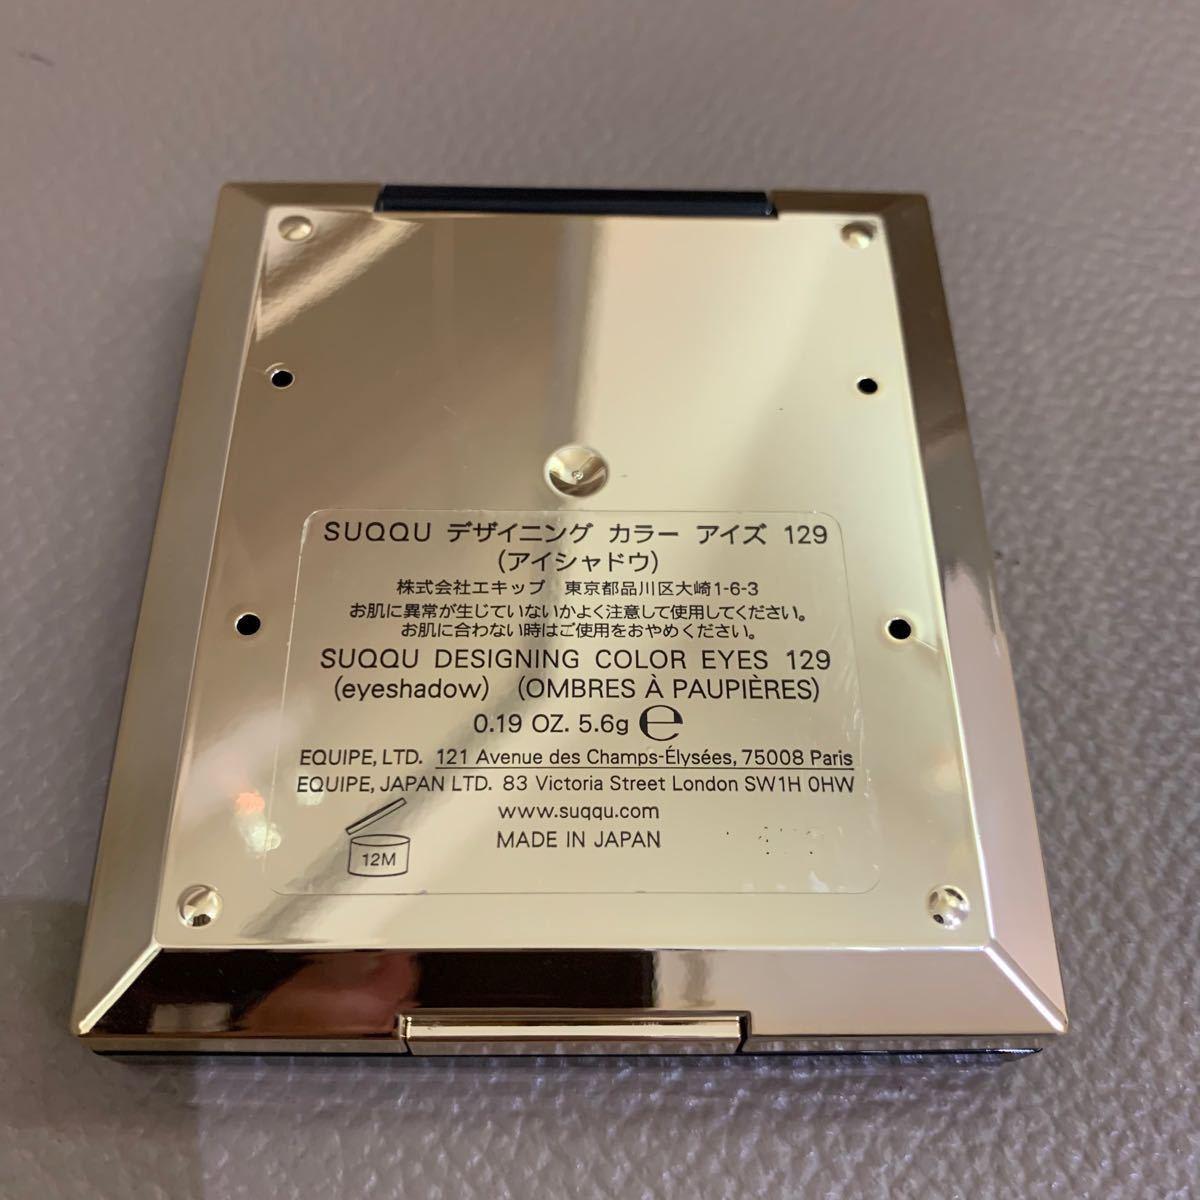 スック デザイニングカラーアイズ 129 燈火 -TOMOSHIBI